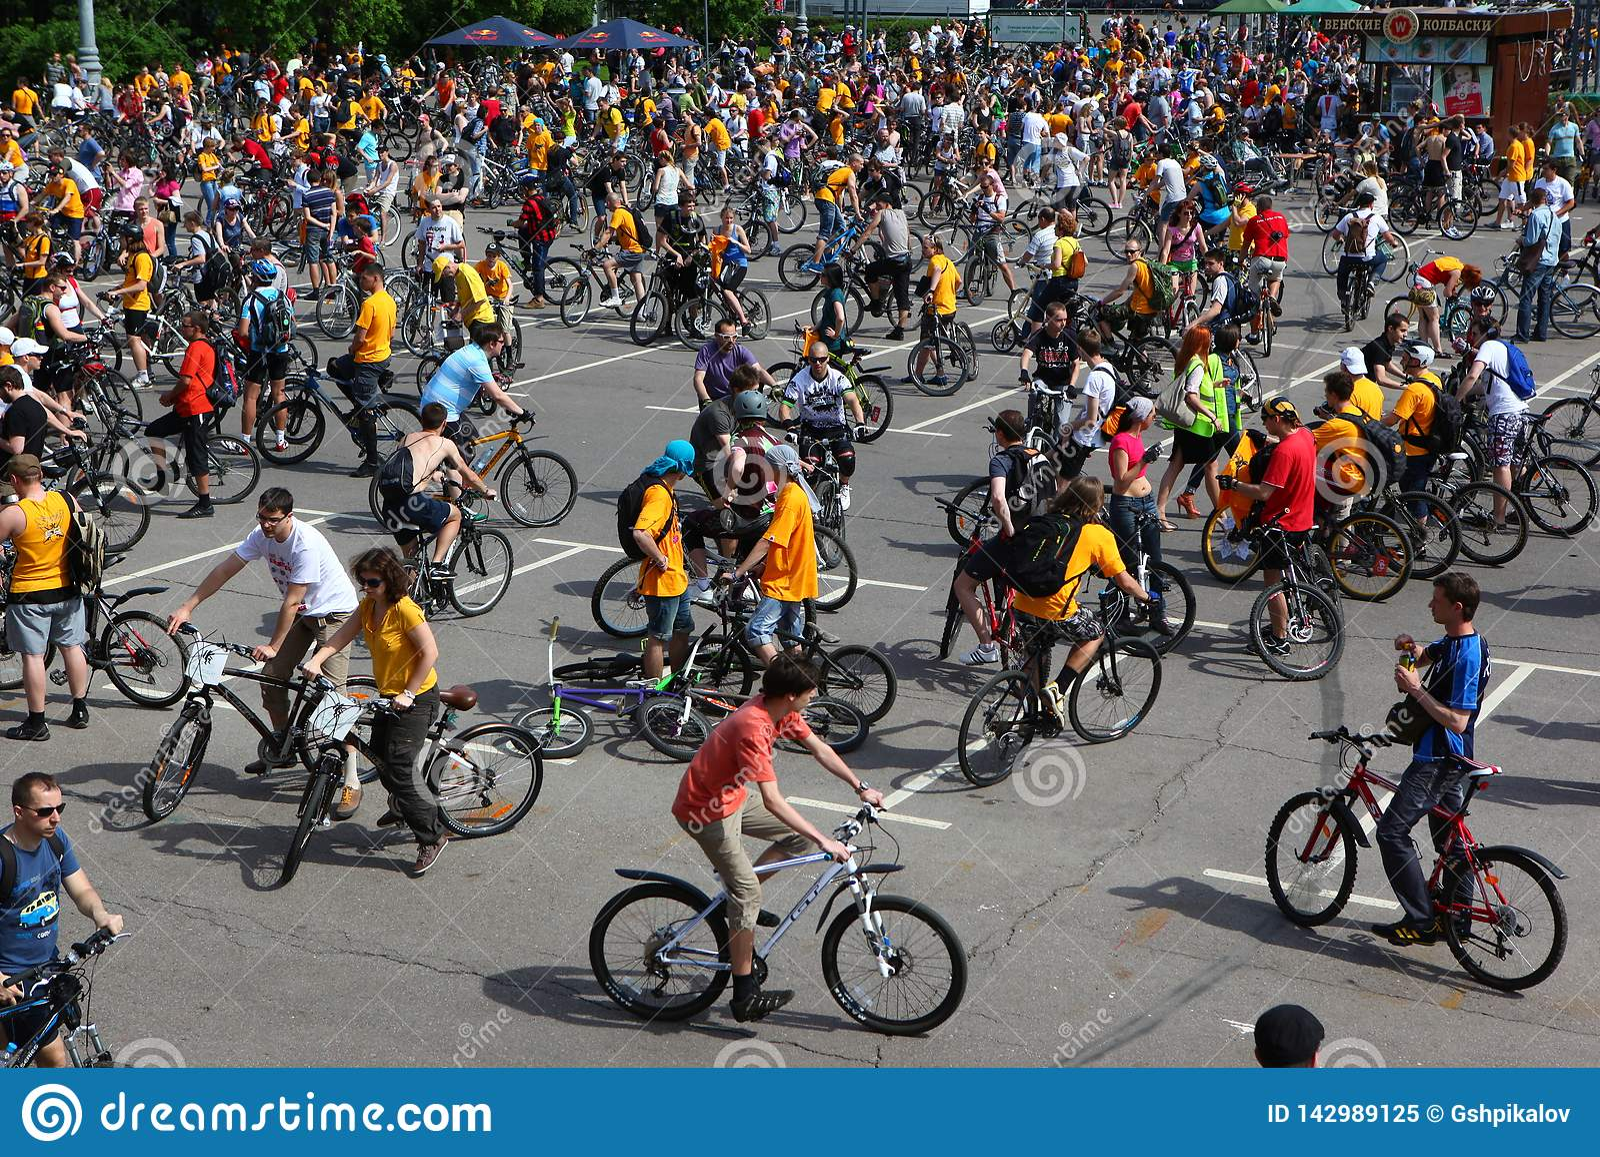 MOSCÚ, RUSIA - 20 de mayo de 2002: Desfile de ciclo de la ciudad tradicional, antes del comienzo